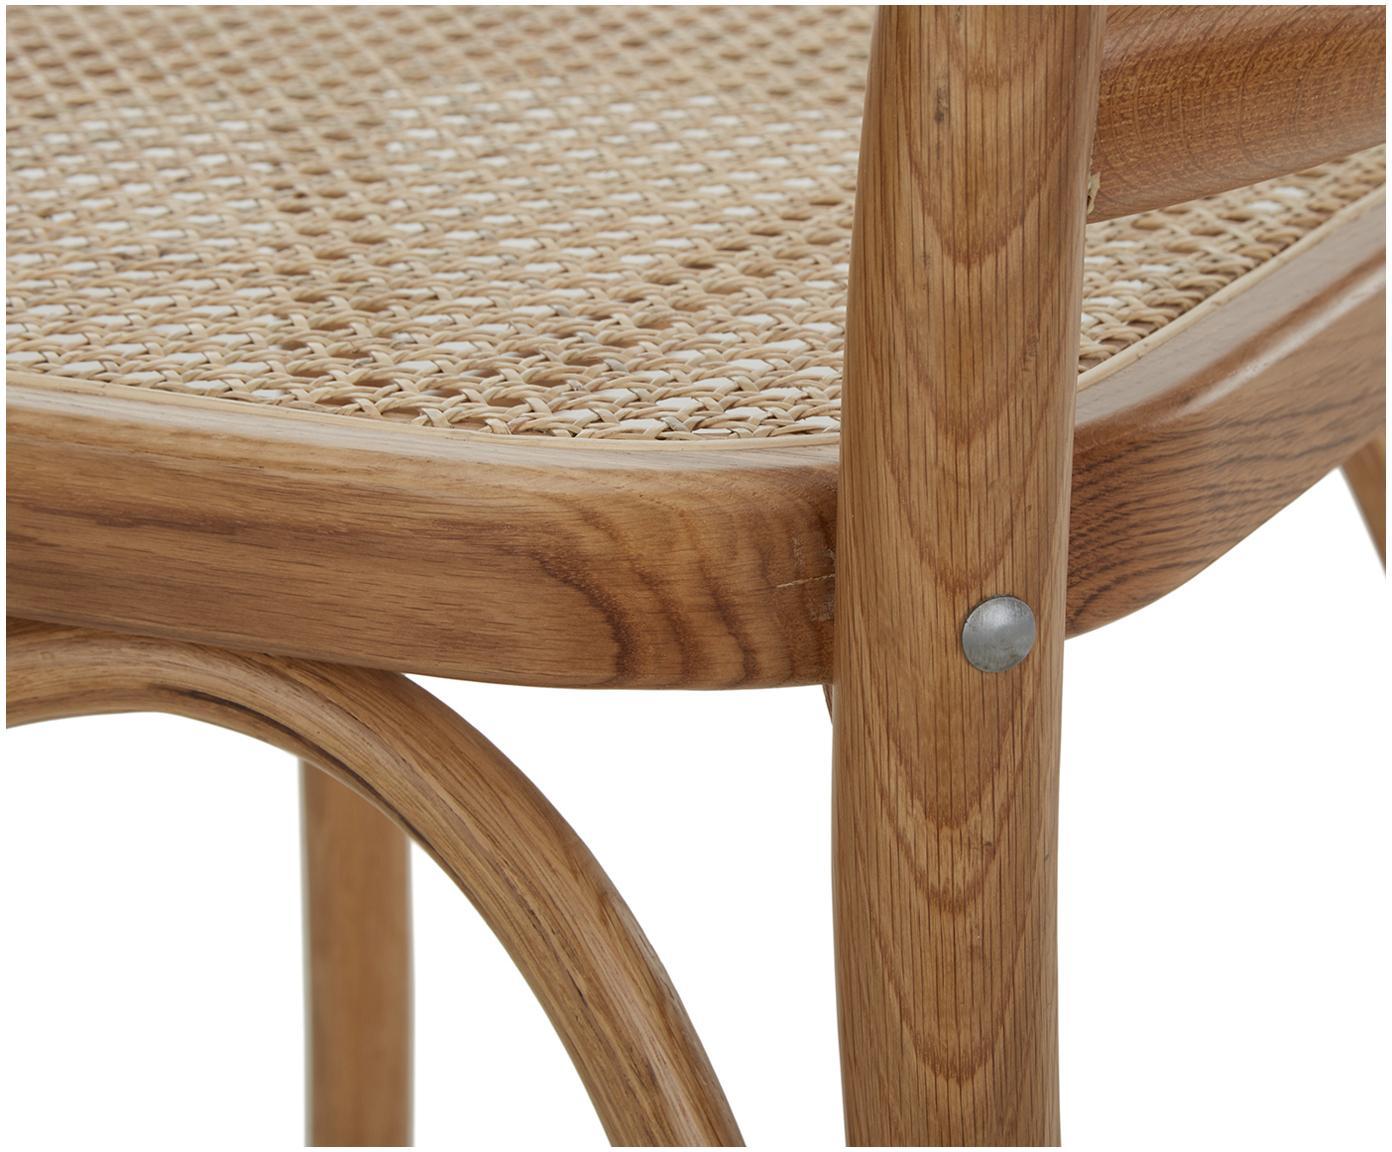 Drewniane krzesło z plecionką wiedeńską Franz, Stelaż: lite drewno dębowe, lakie, Brązowy, S 48 x G 59 cm